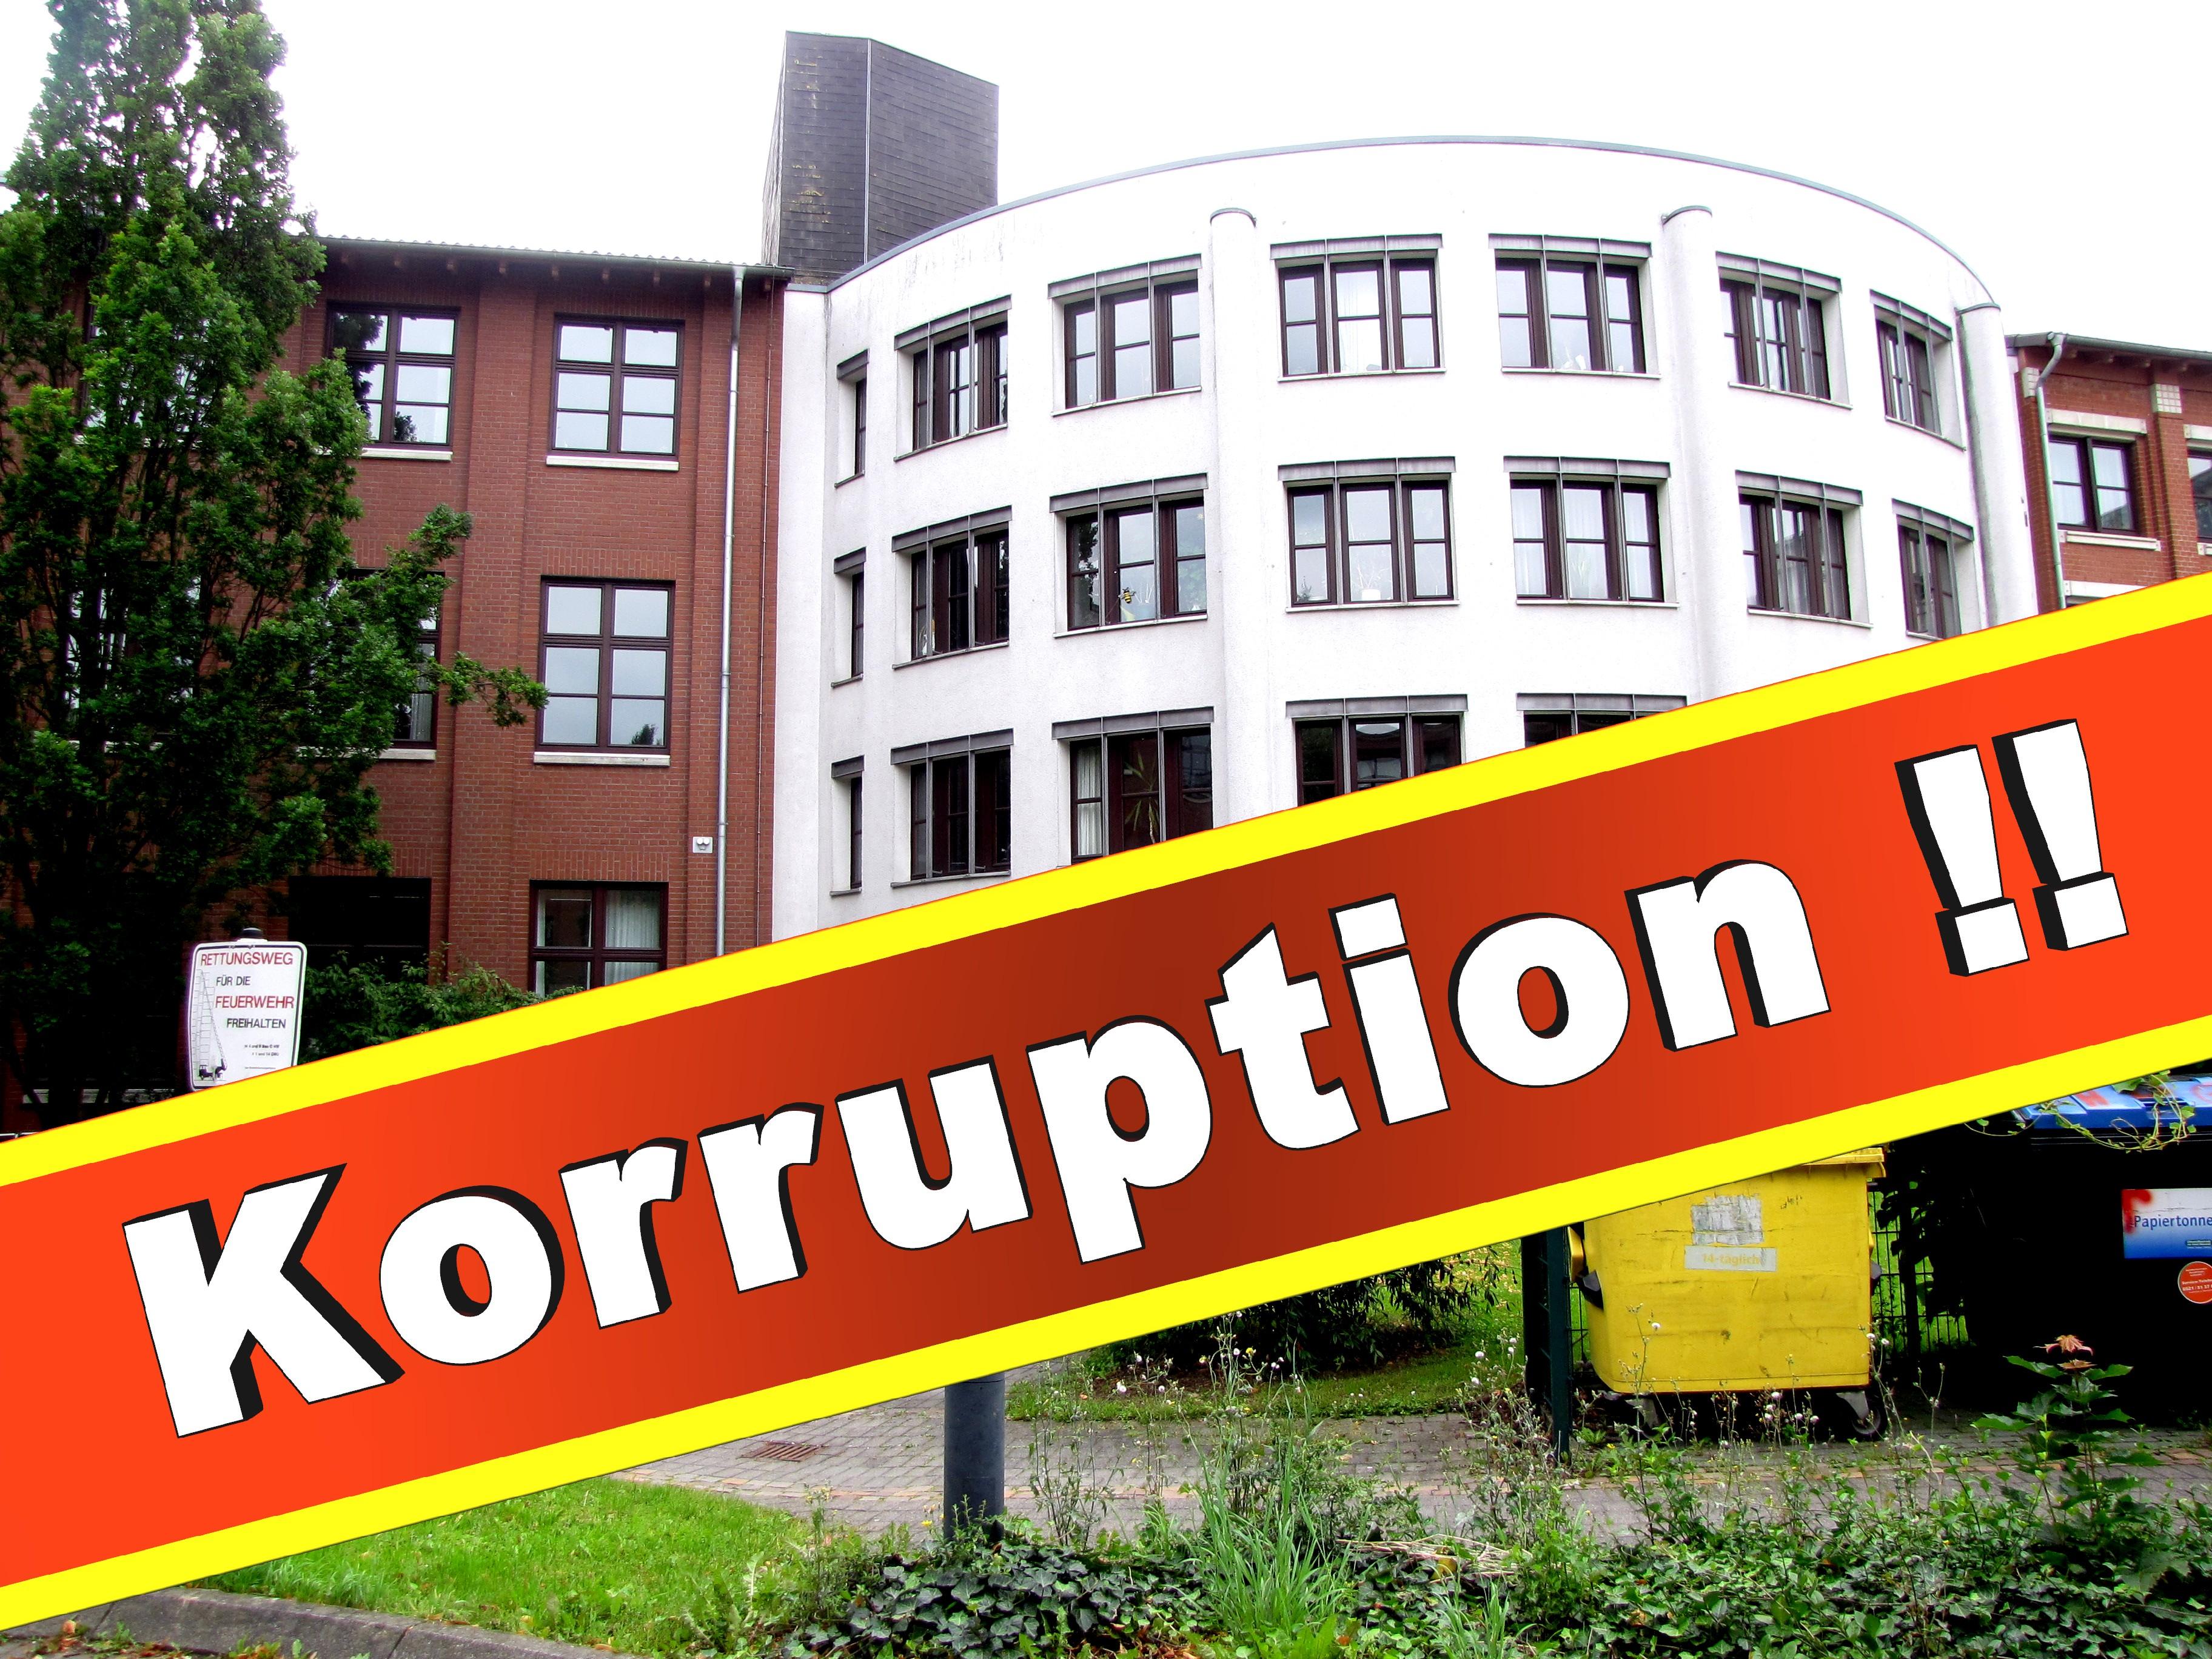 Gesundheitsamt Bielefeld Amtsarzt Adresse Gesundheitsbelehrung Telefon Schuleingangsuntersuchung Bielefeld Parken Gesundheitszeugnis (12)